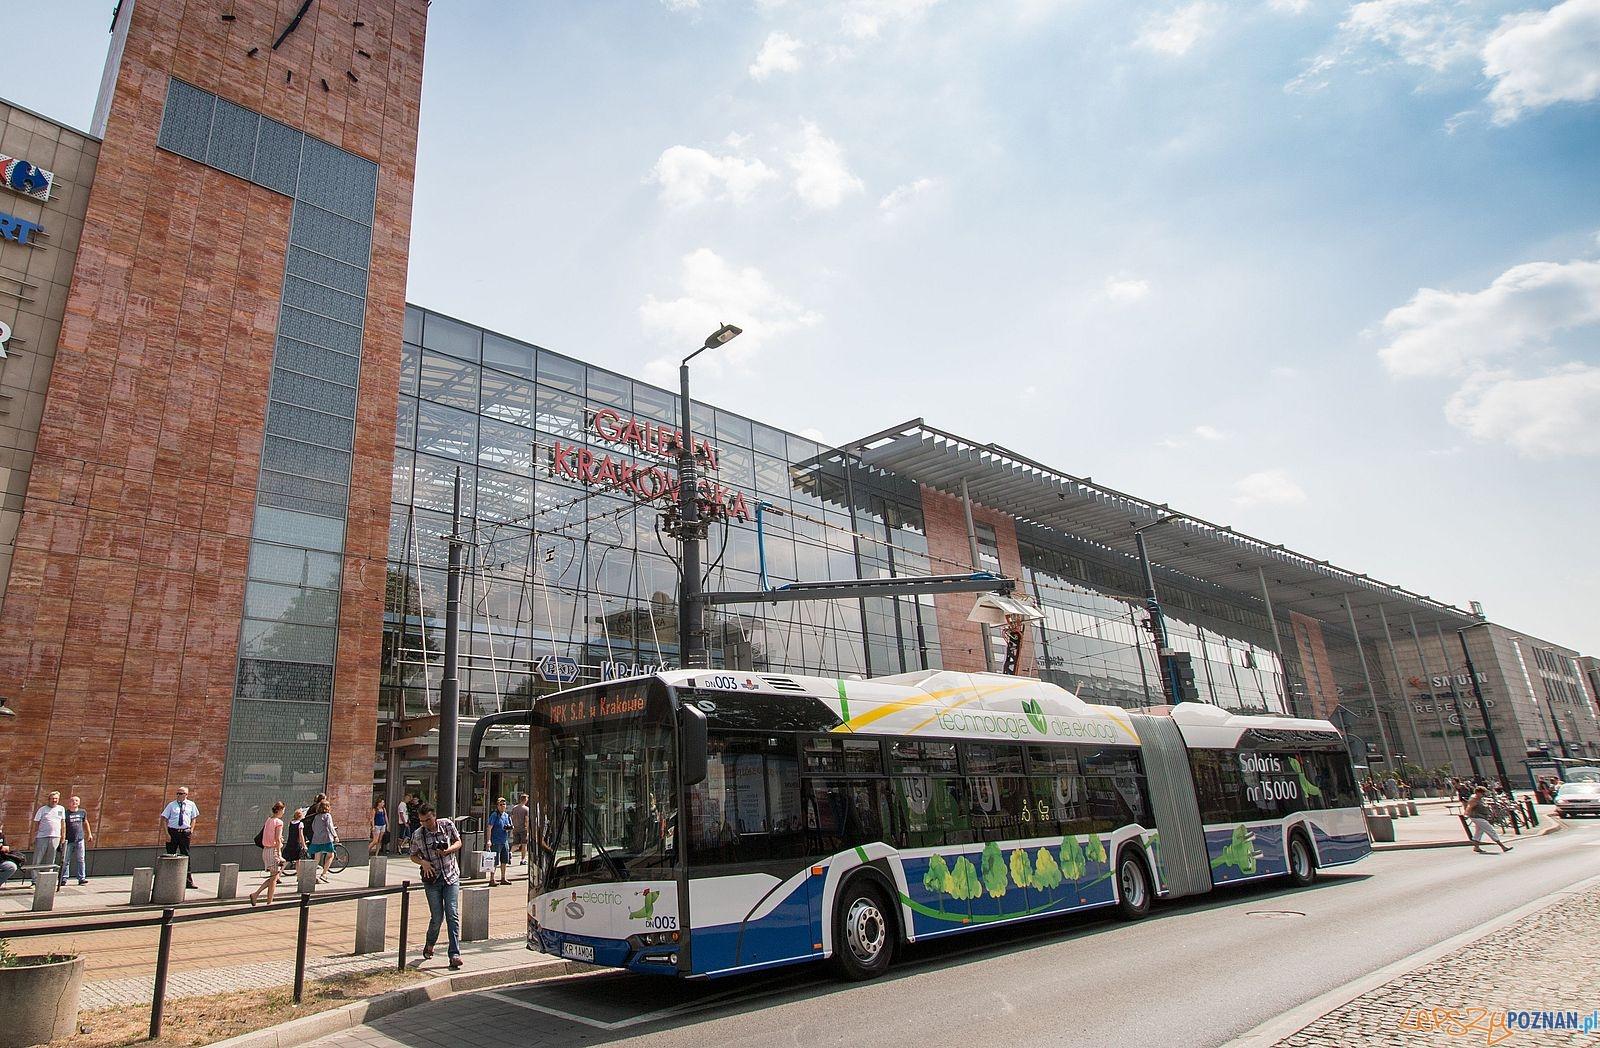 Solaris electric dla Krakowa  Foto: Solaris / materiały prasowe